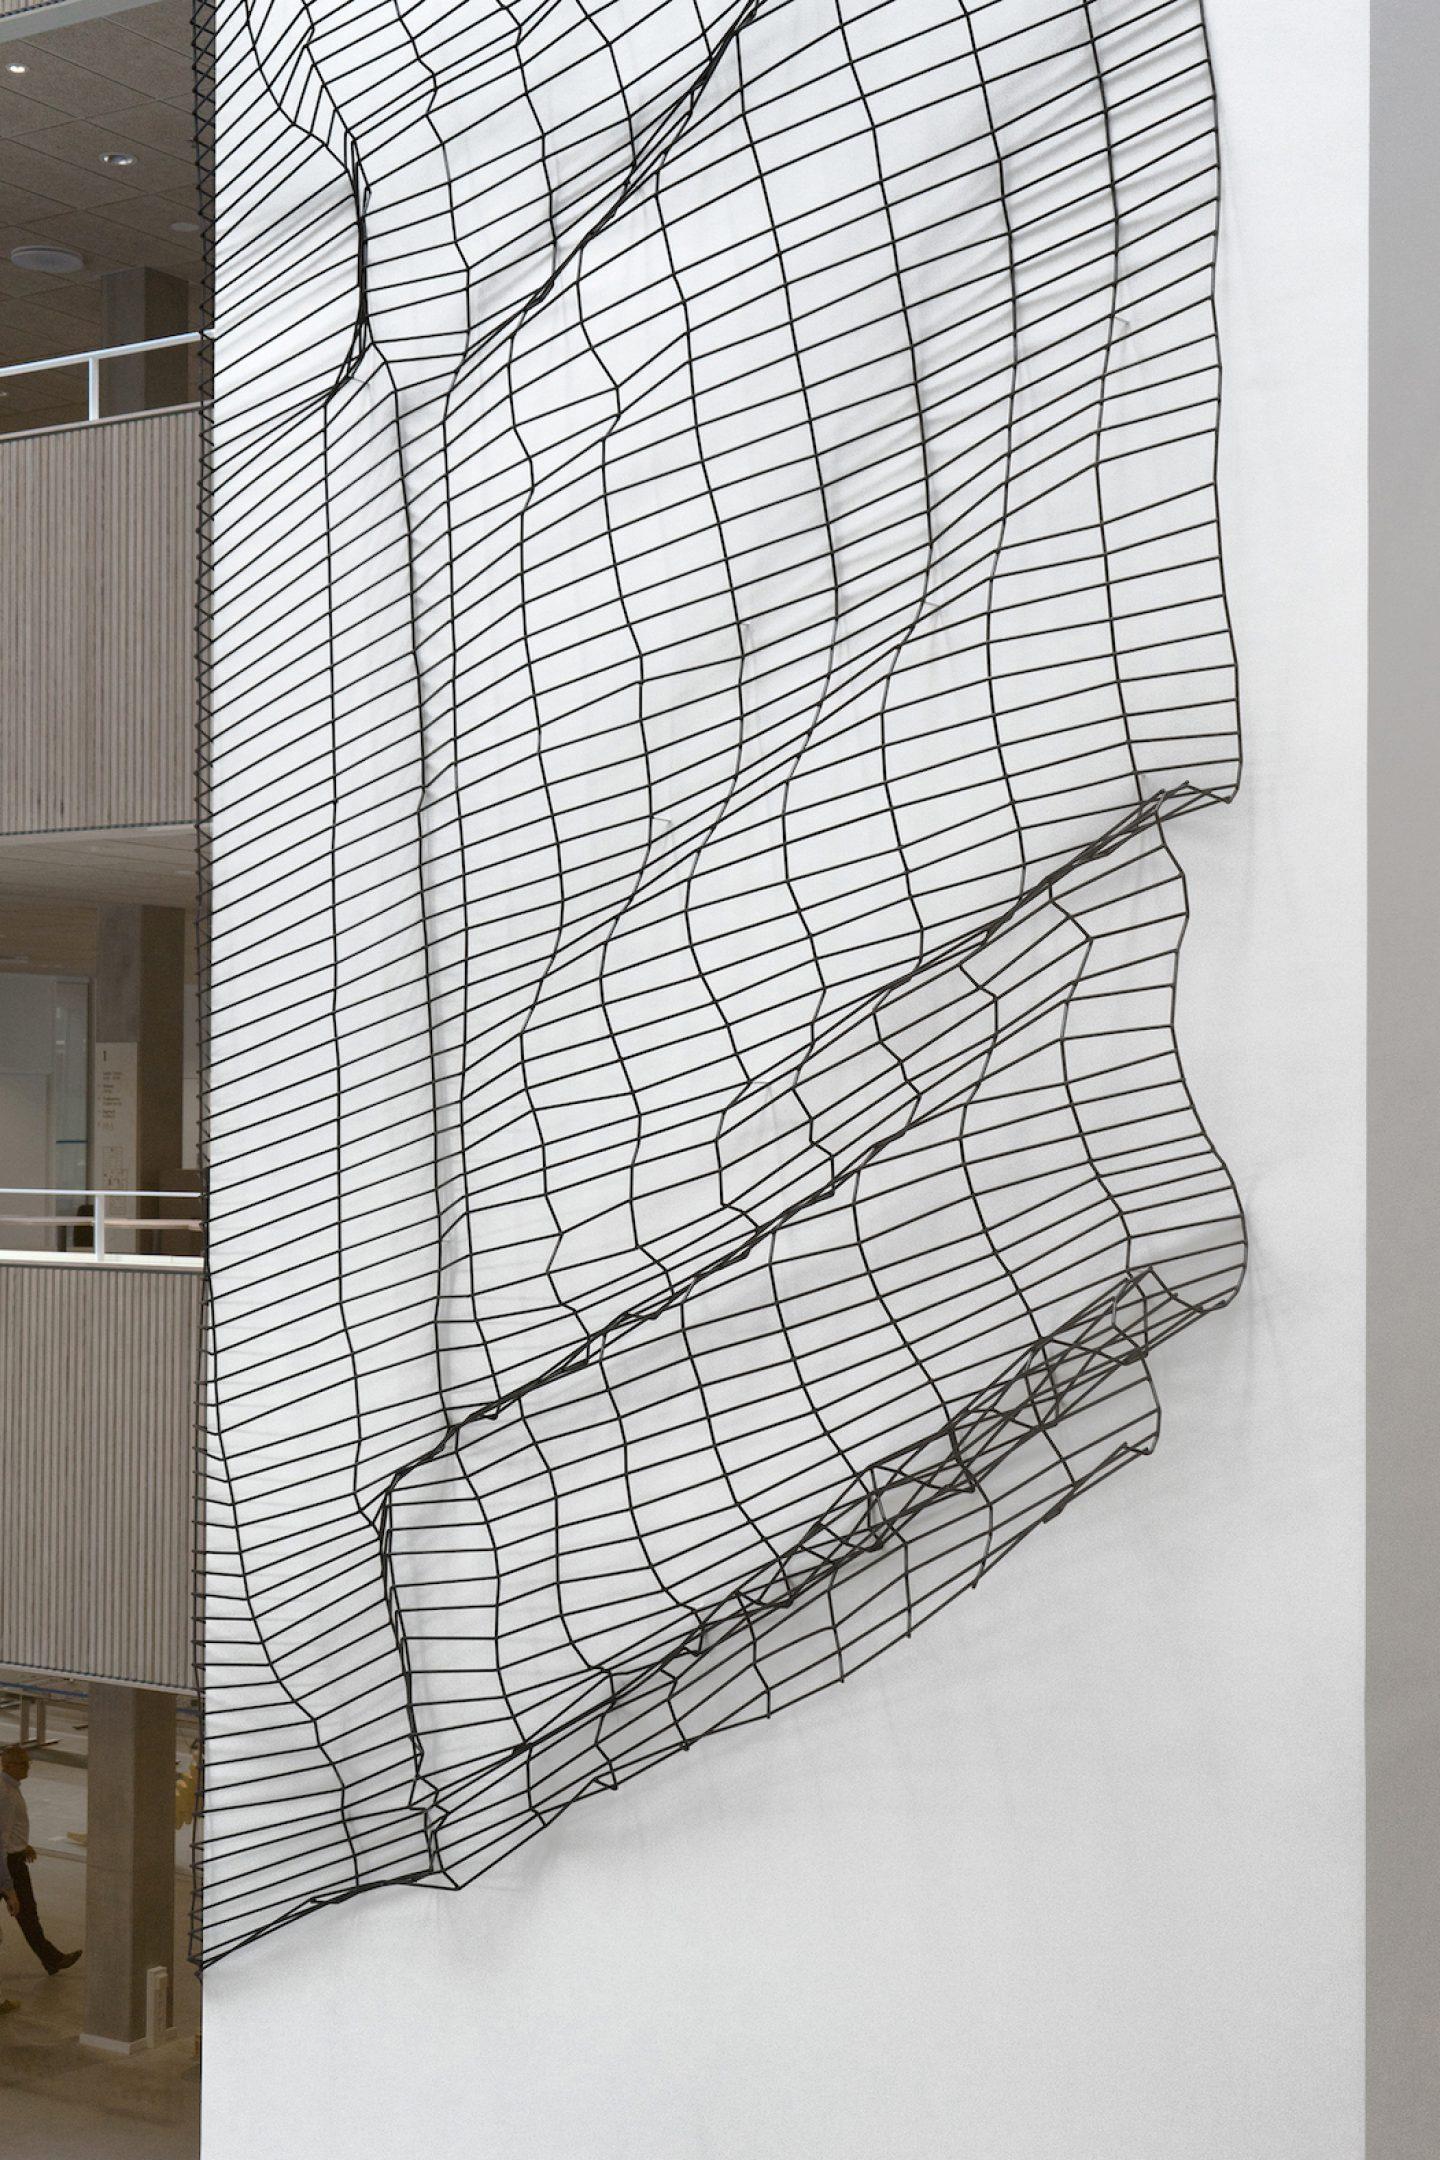 art_borkmannlenk_klaede_installation_09